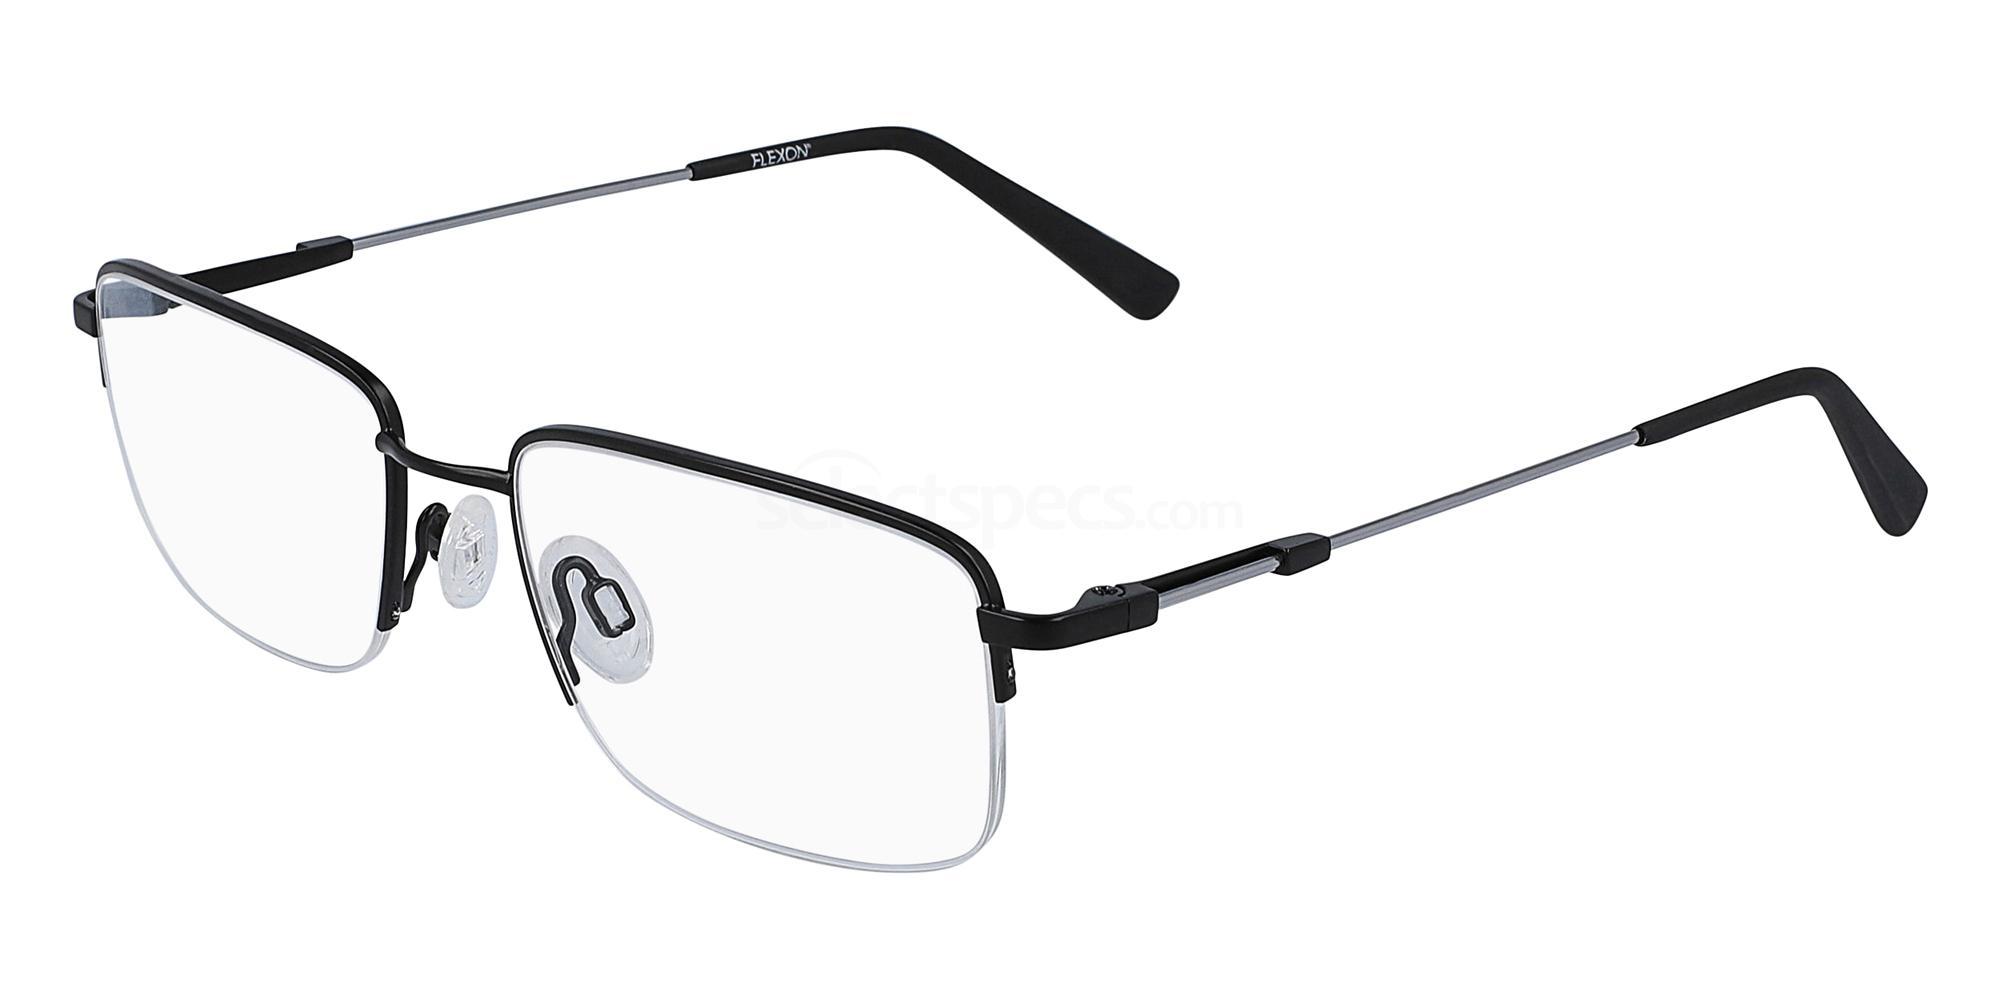 001 FLEXON H6003 Glasses, Flexon